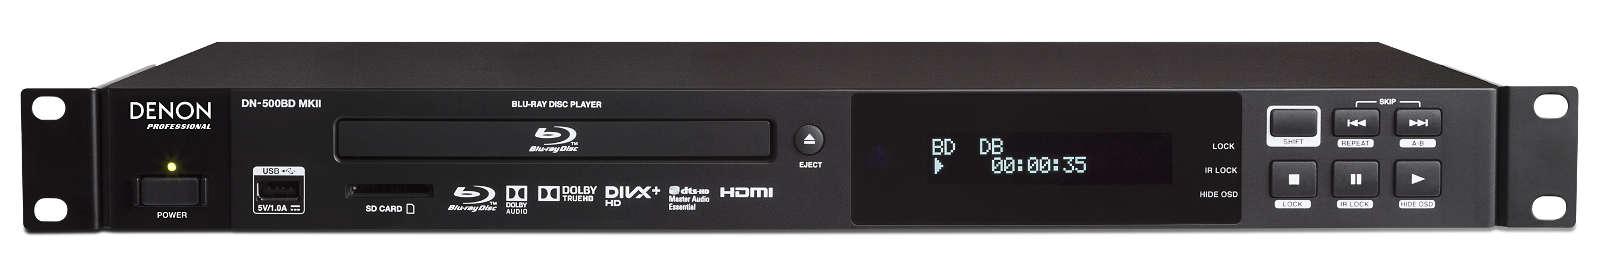 Afbeelding van Denon Professional DN 500 BD MK2 Blu-Ray speler met Dolby 7.1 en gebalanceerde XLR outputs